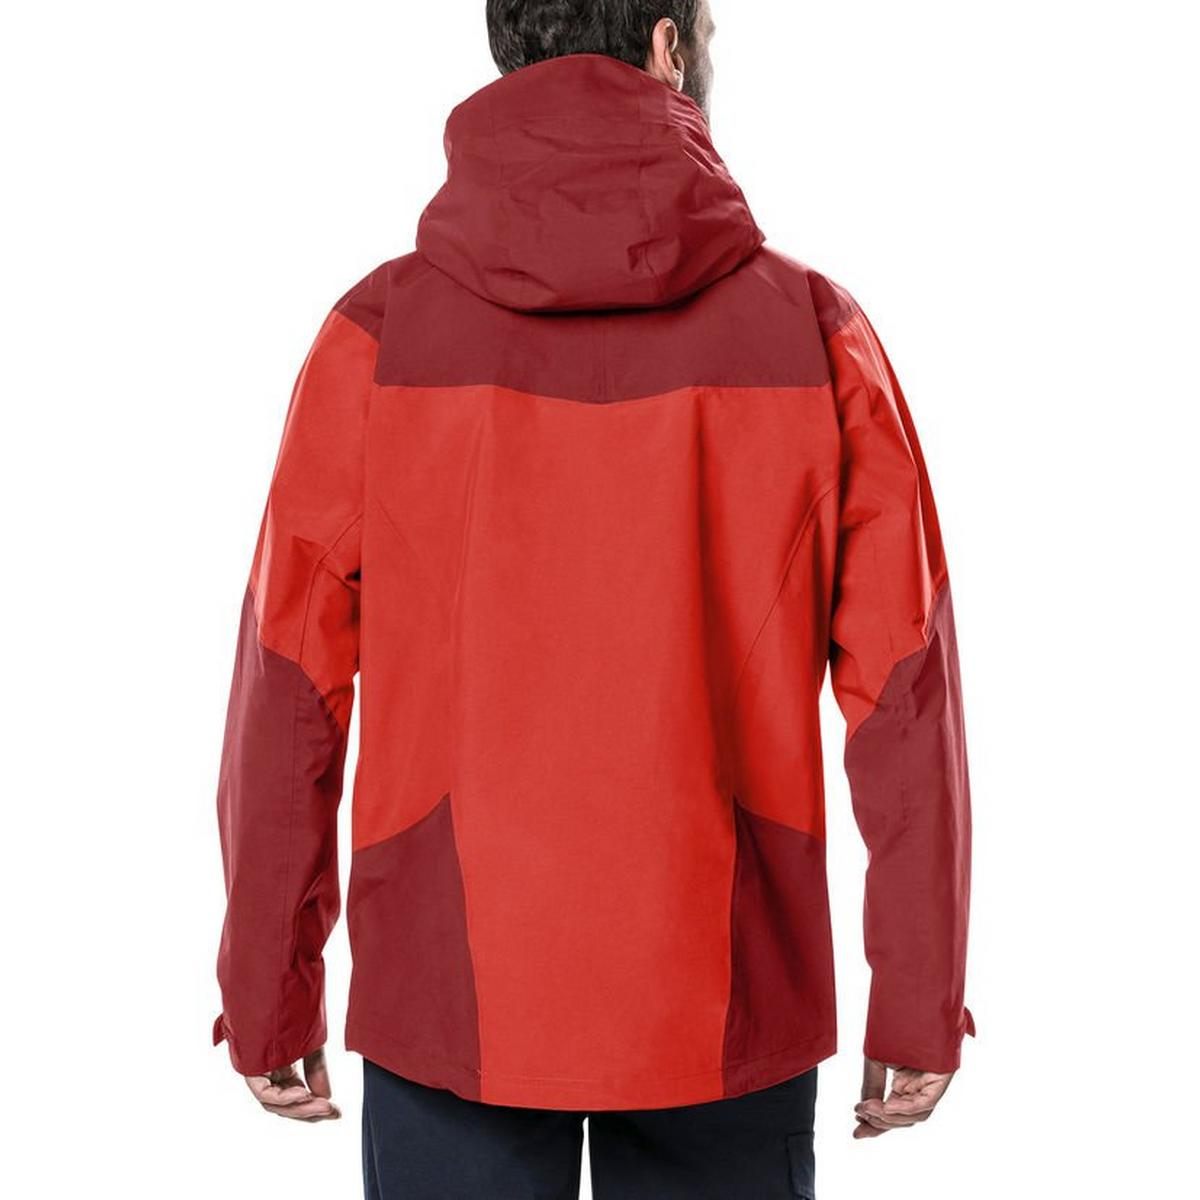 Berghaus Men's Arran Waterproof Jacket - Red